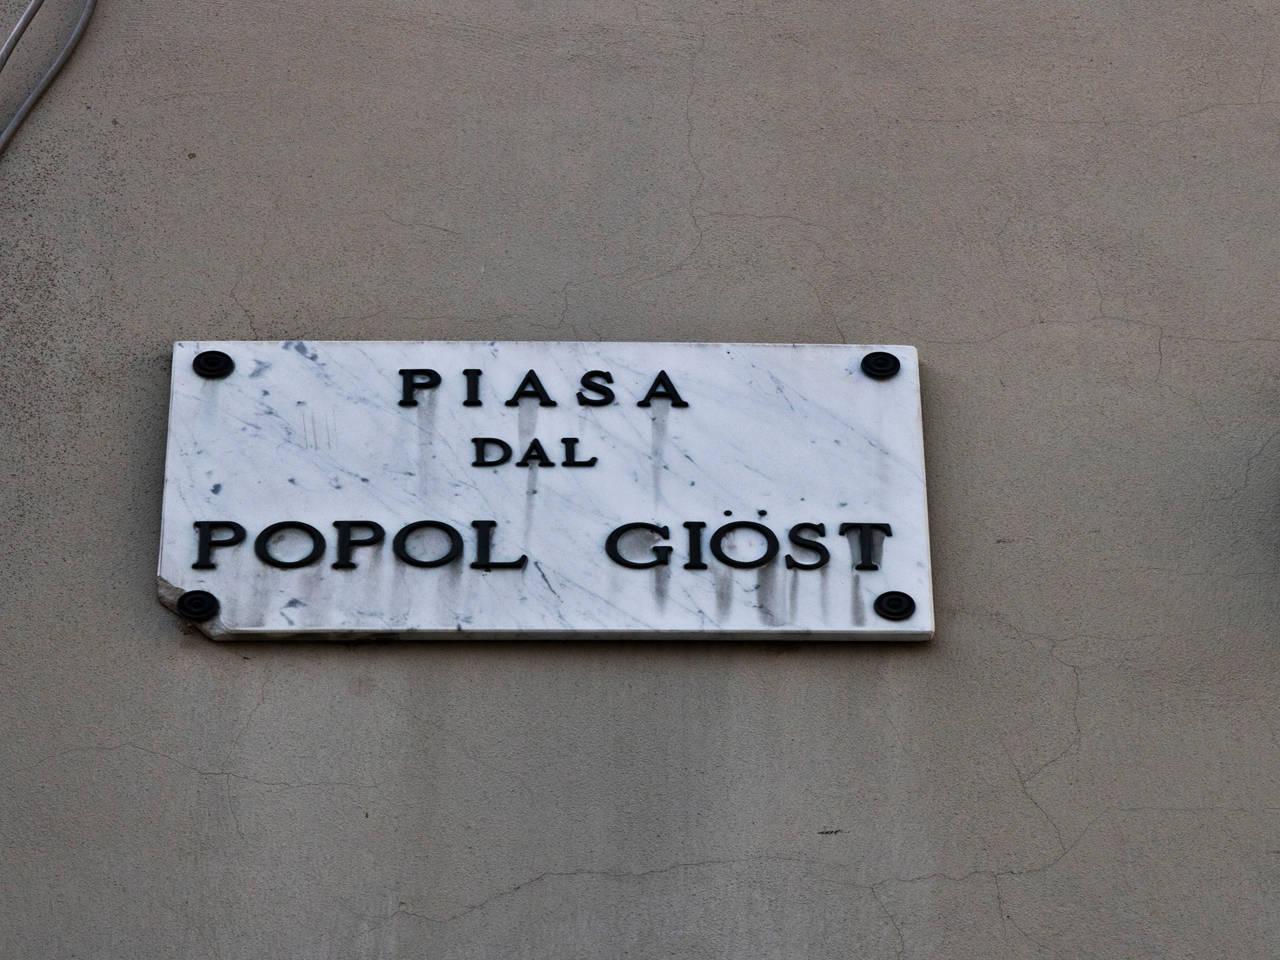 Piasa dal Popol Giost - Piazza del Popolo Giusto a Reggio Emilia